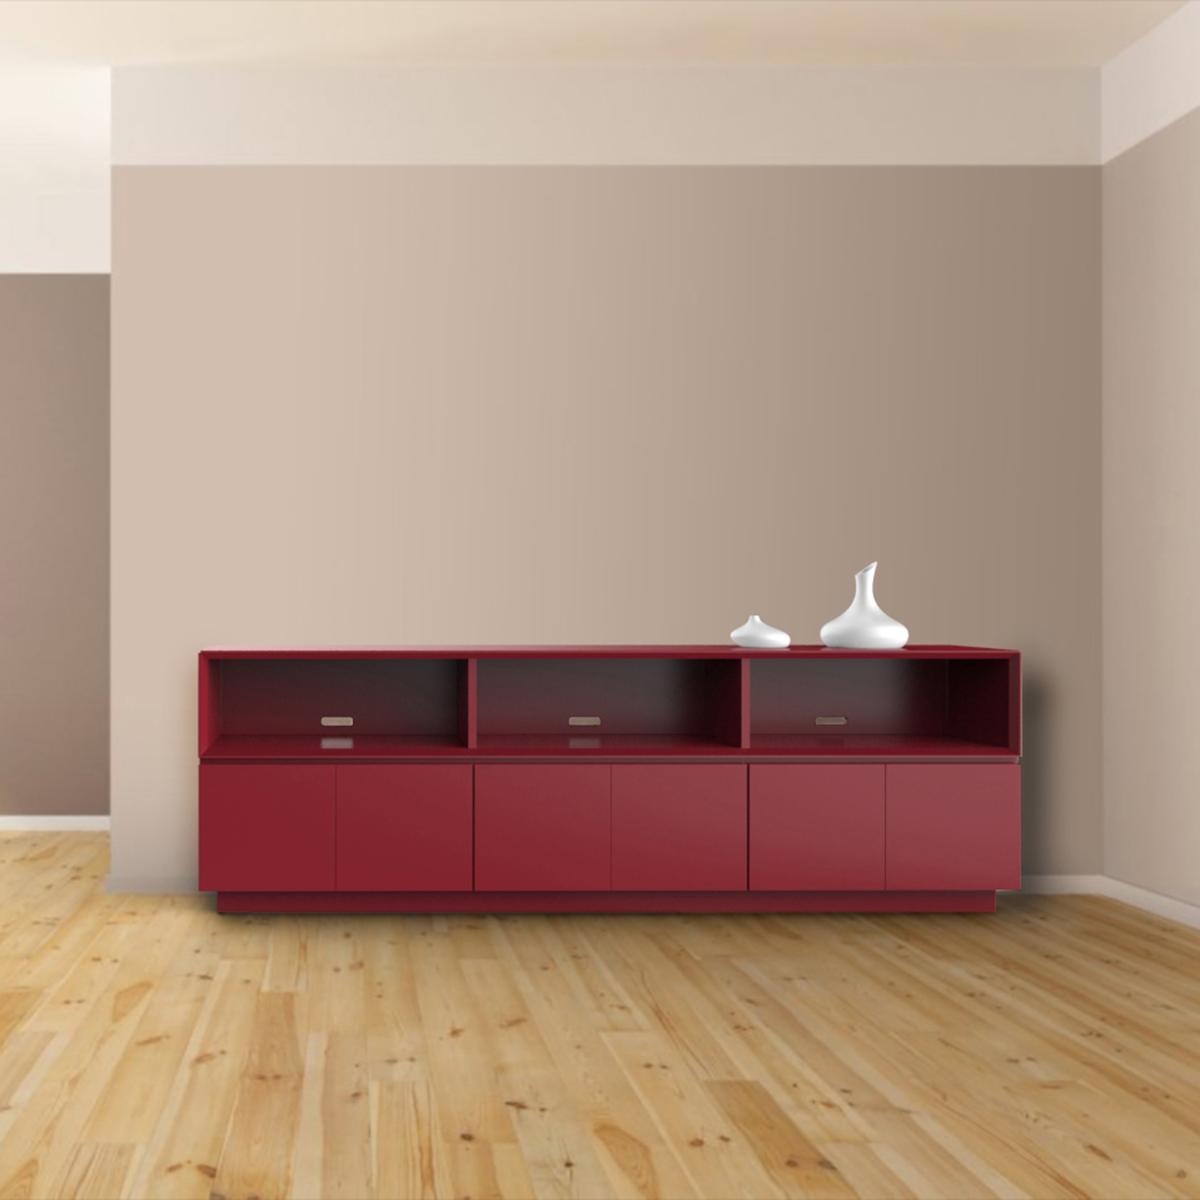 Sideboard N°24